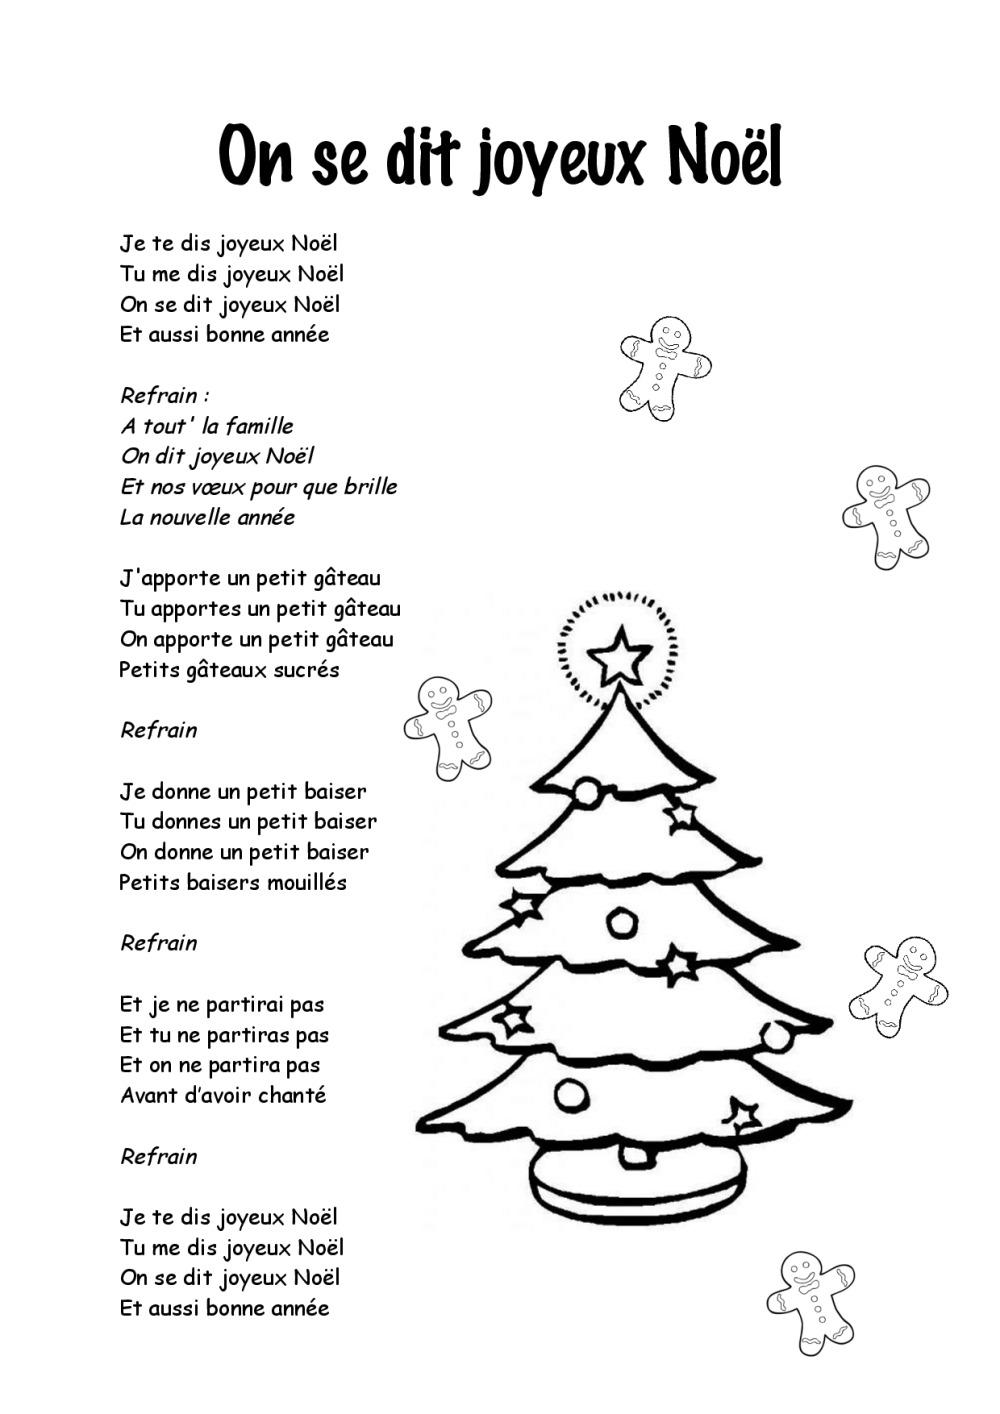 Chansons De Noel Pour Enfants : chansons, enfants, Paroles, Chansons, Noël